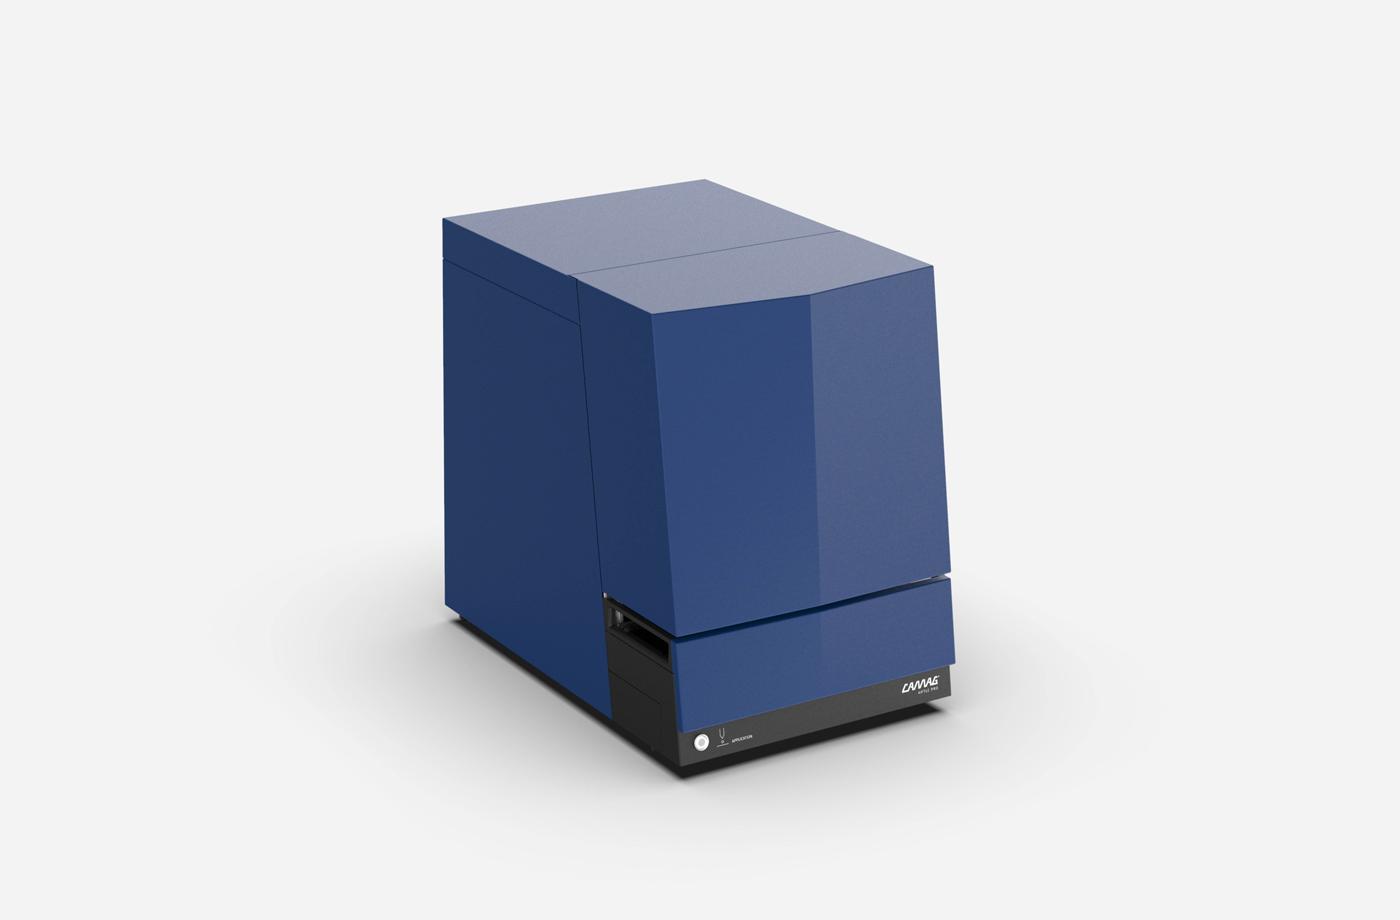 camag hptlc pro module designed by tale.ch